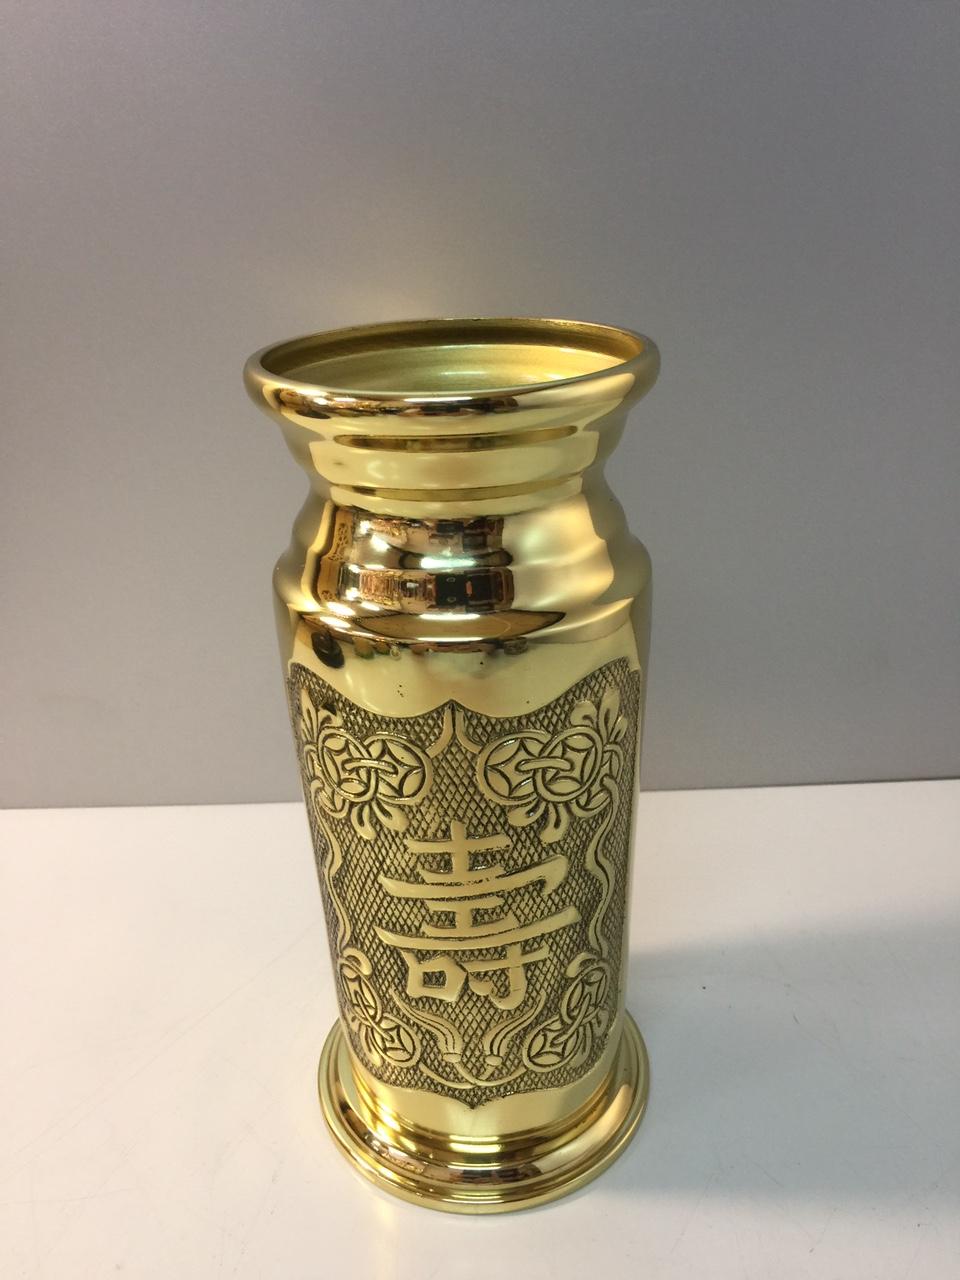 Đồ thờ cúng bằng đồng, Ống hương bằng đồng vàng (dành cho bàn thờ và khám thần tài , Bàn thờ Phật )  phong thuỷ , bộ thờ cúng